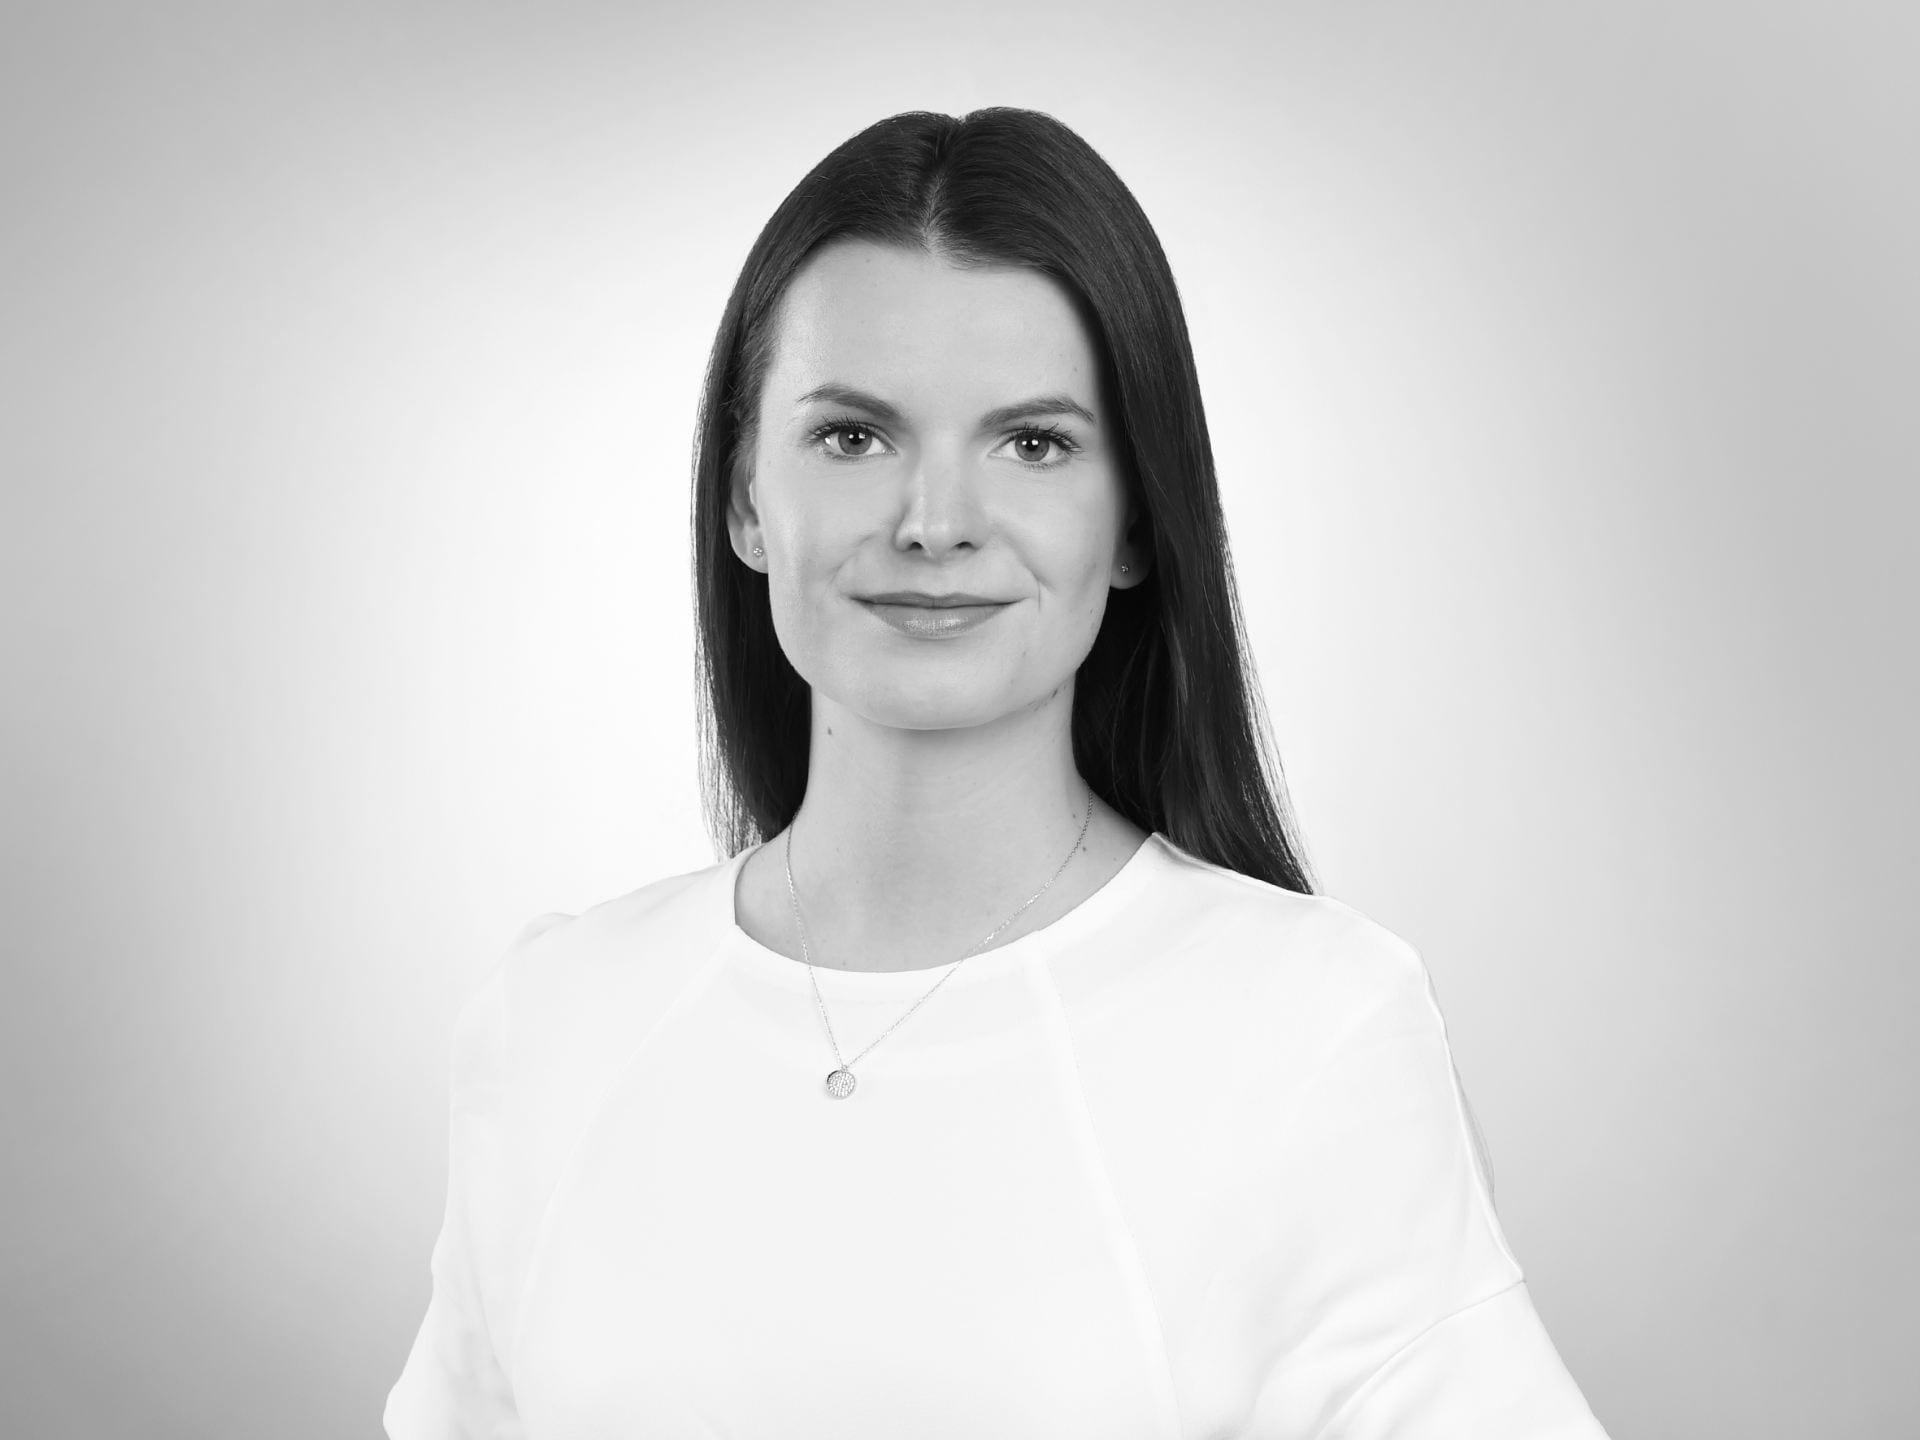 Lydia Ottlewski